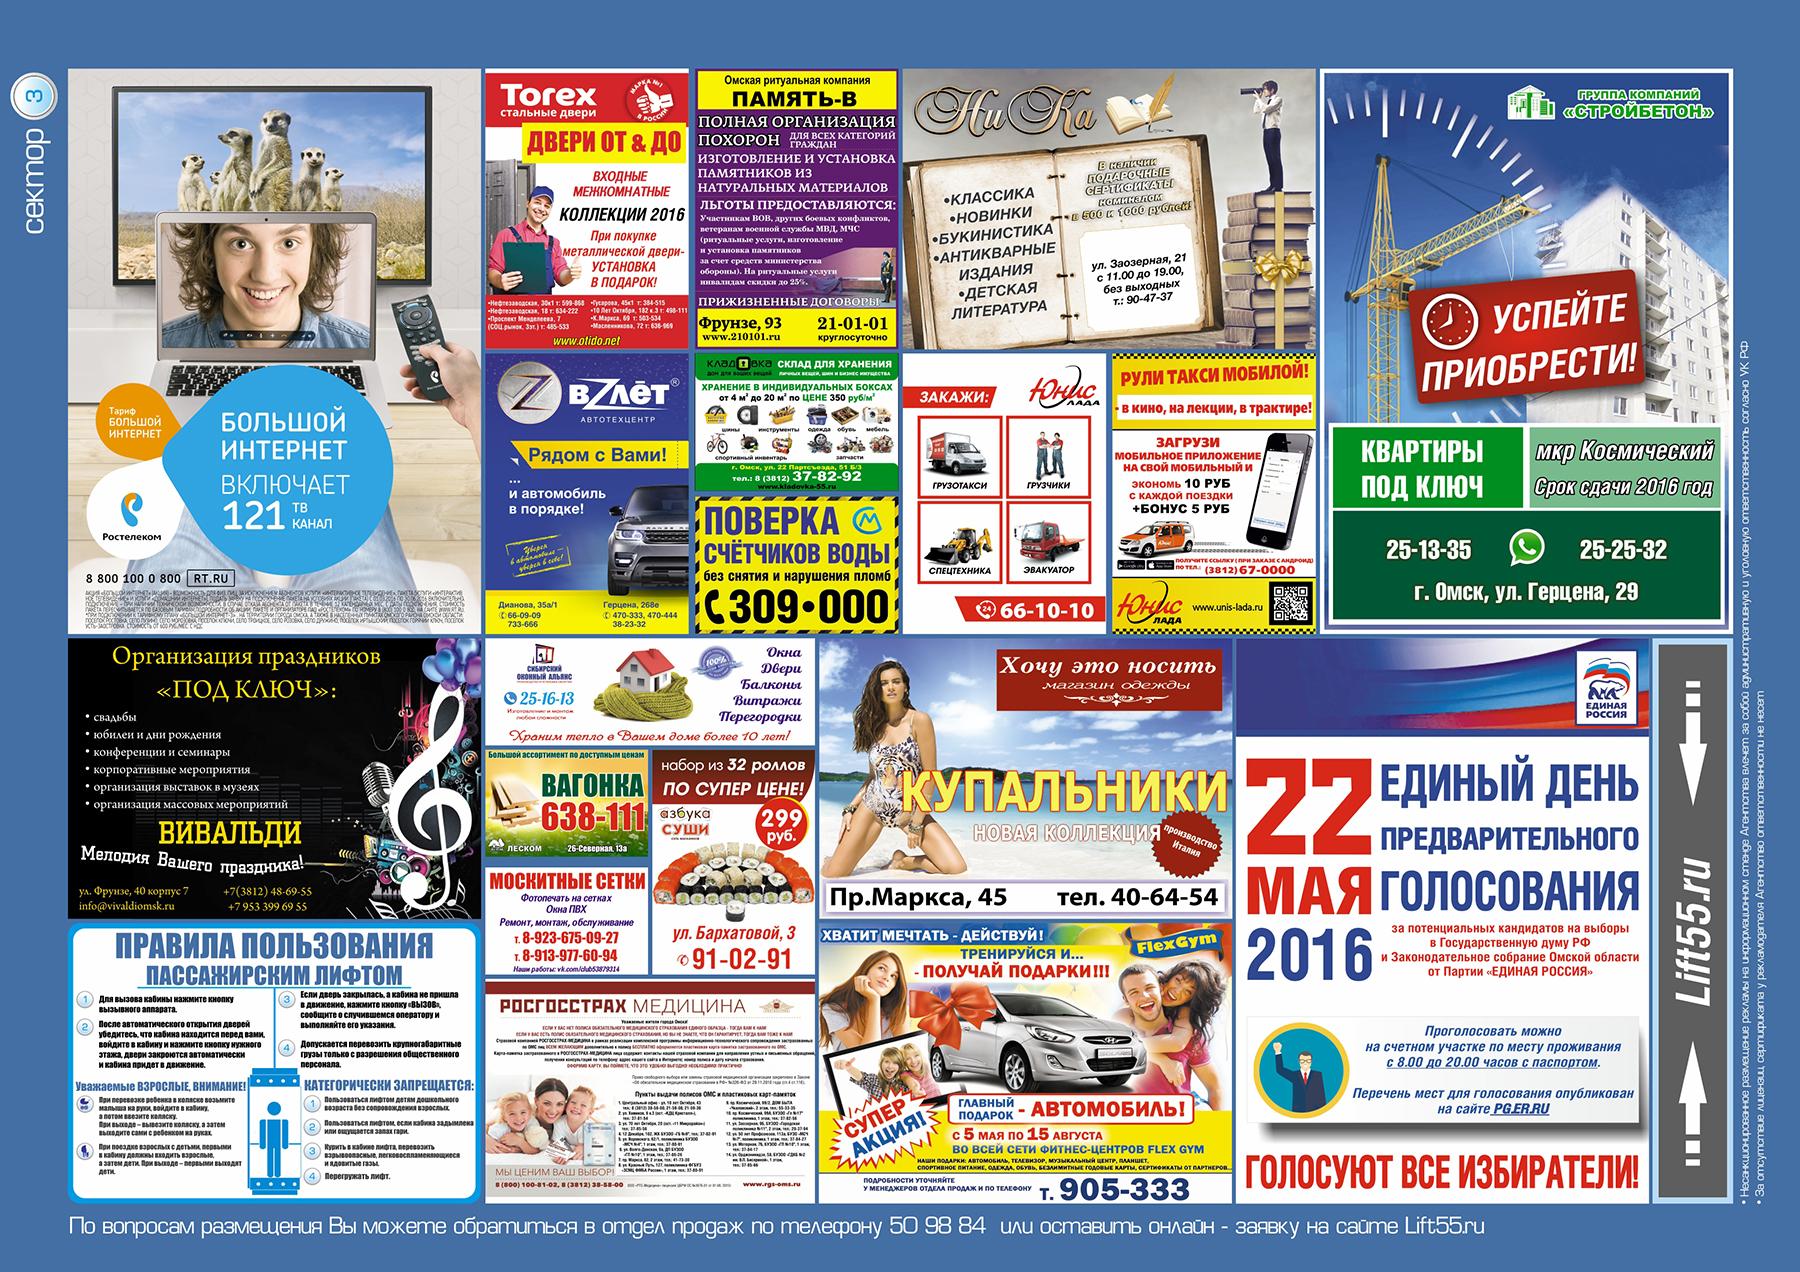 Информационная сетка за май 2016 (сектор 3)